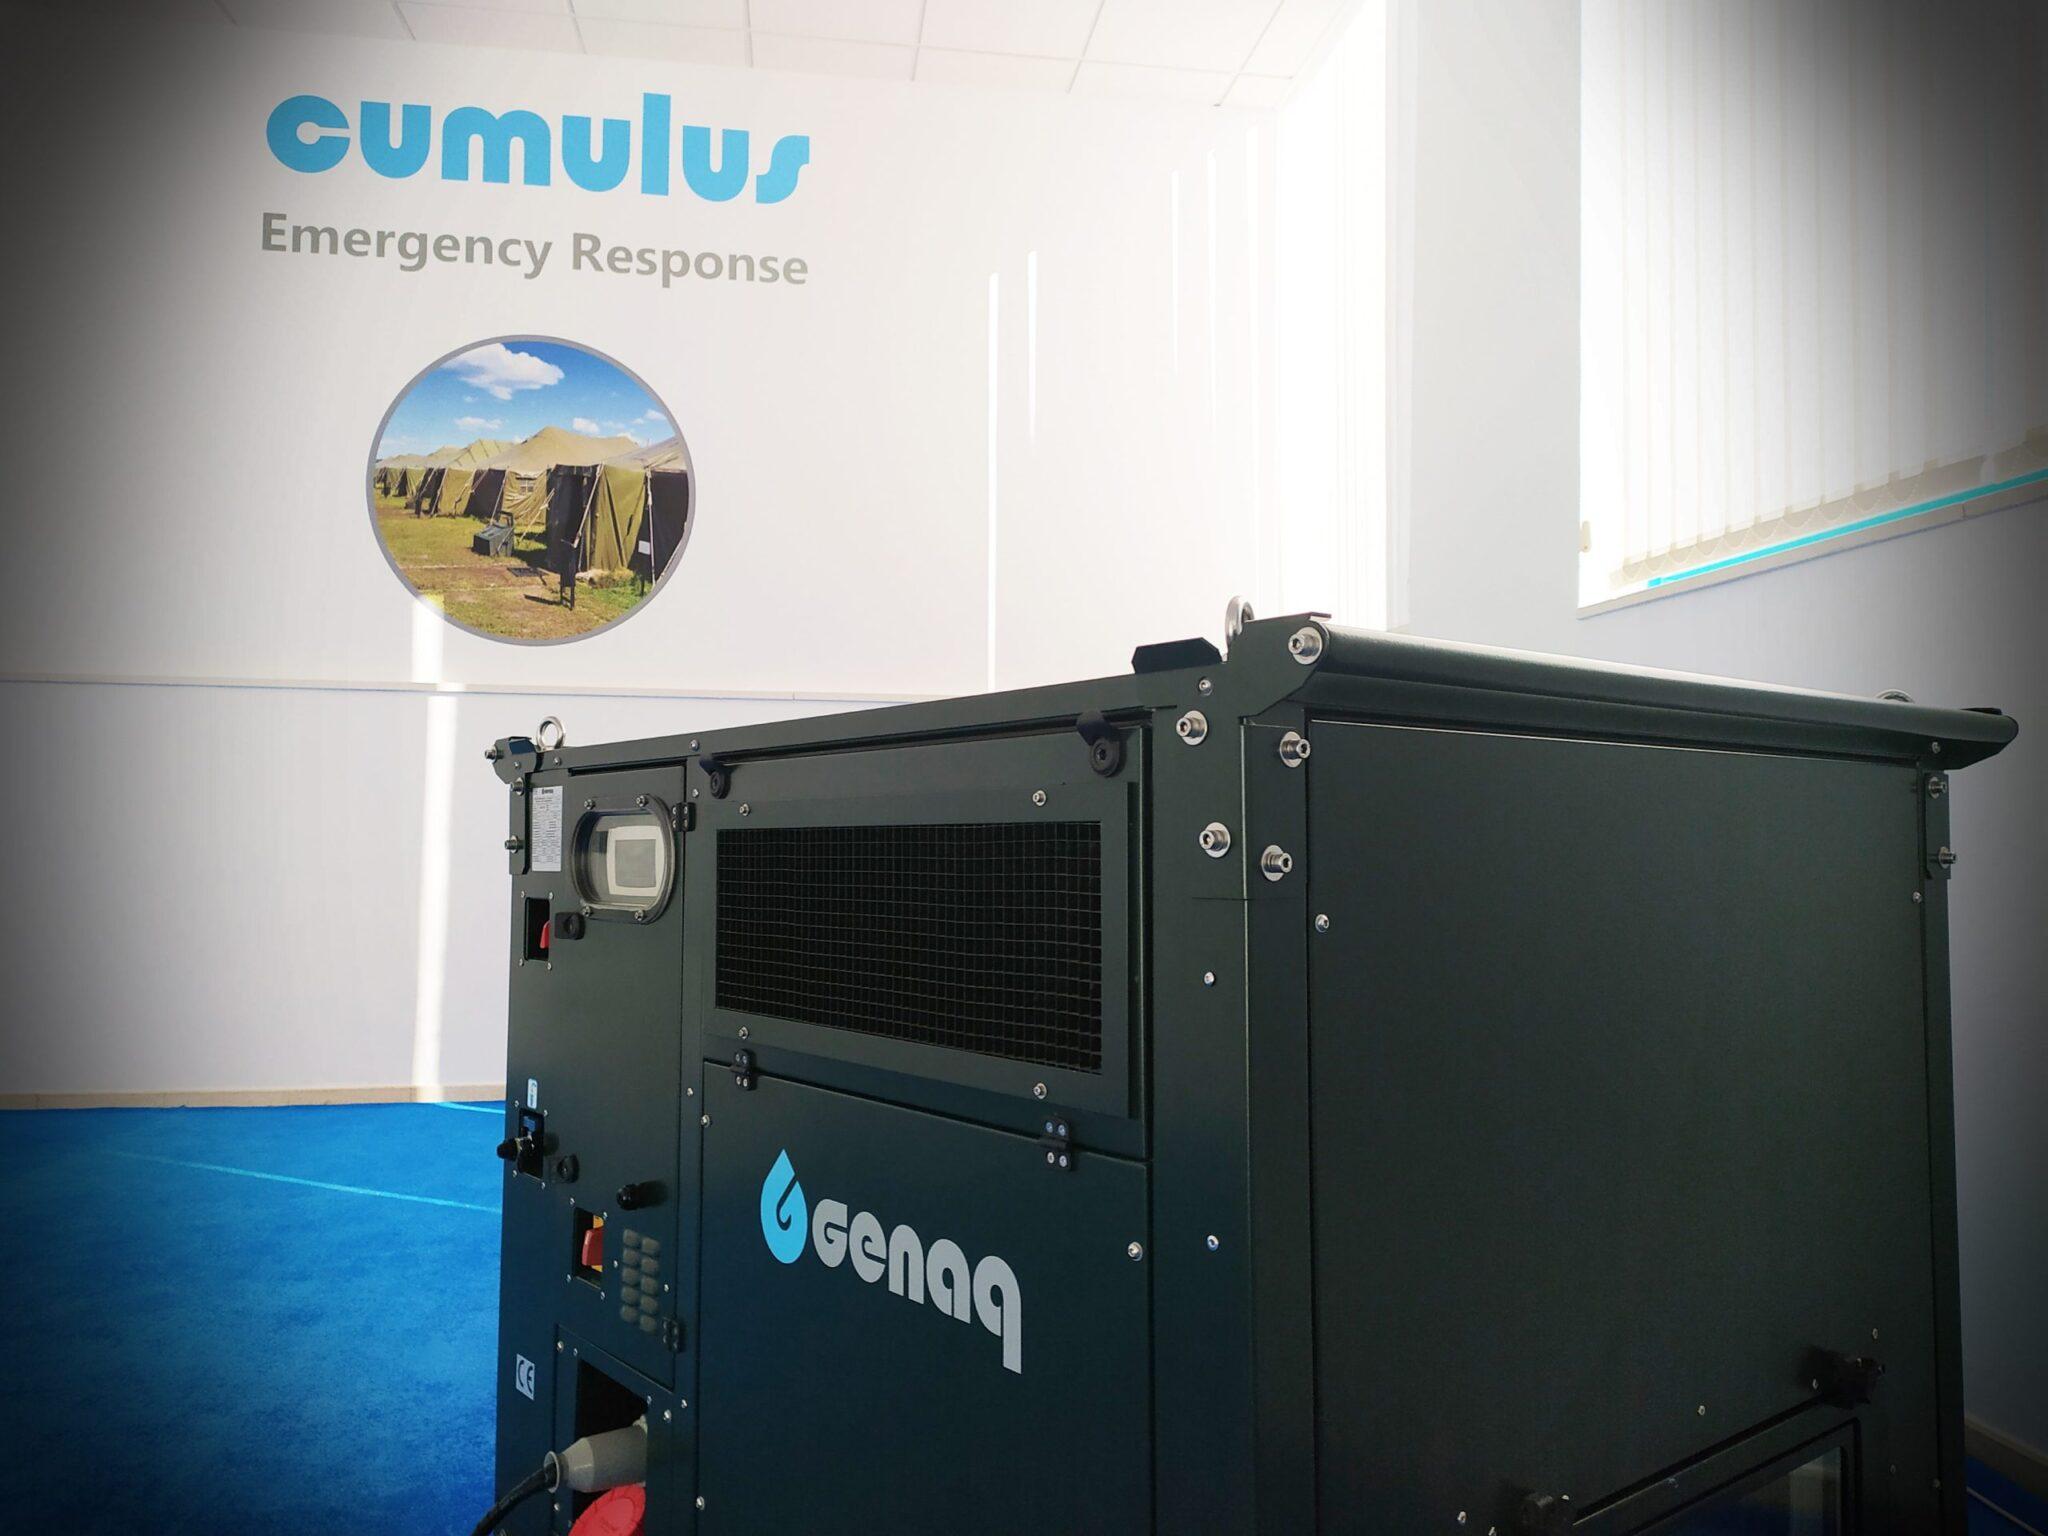 generador de agua scaled - Los generadores atmosféricos de agua de GENAQ: Una solución tecnológica real para el sector Defensa